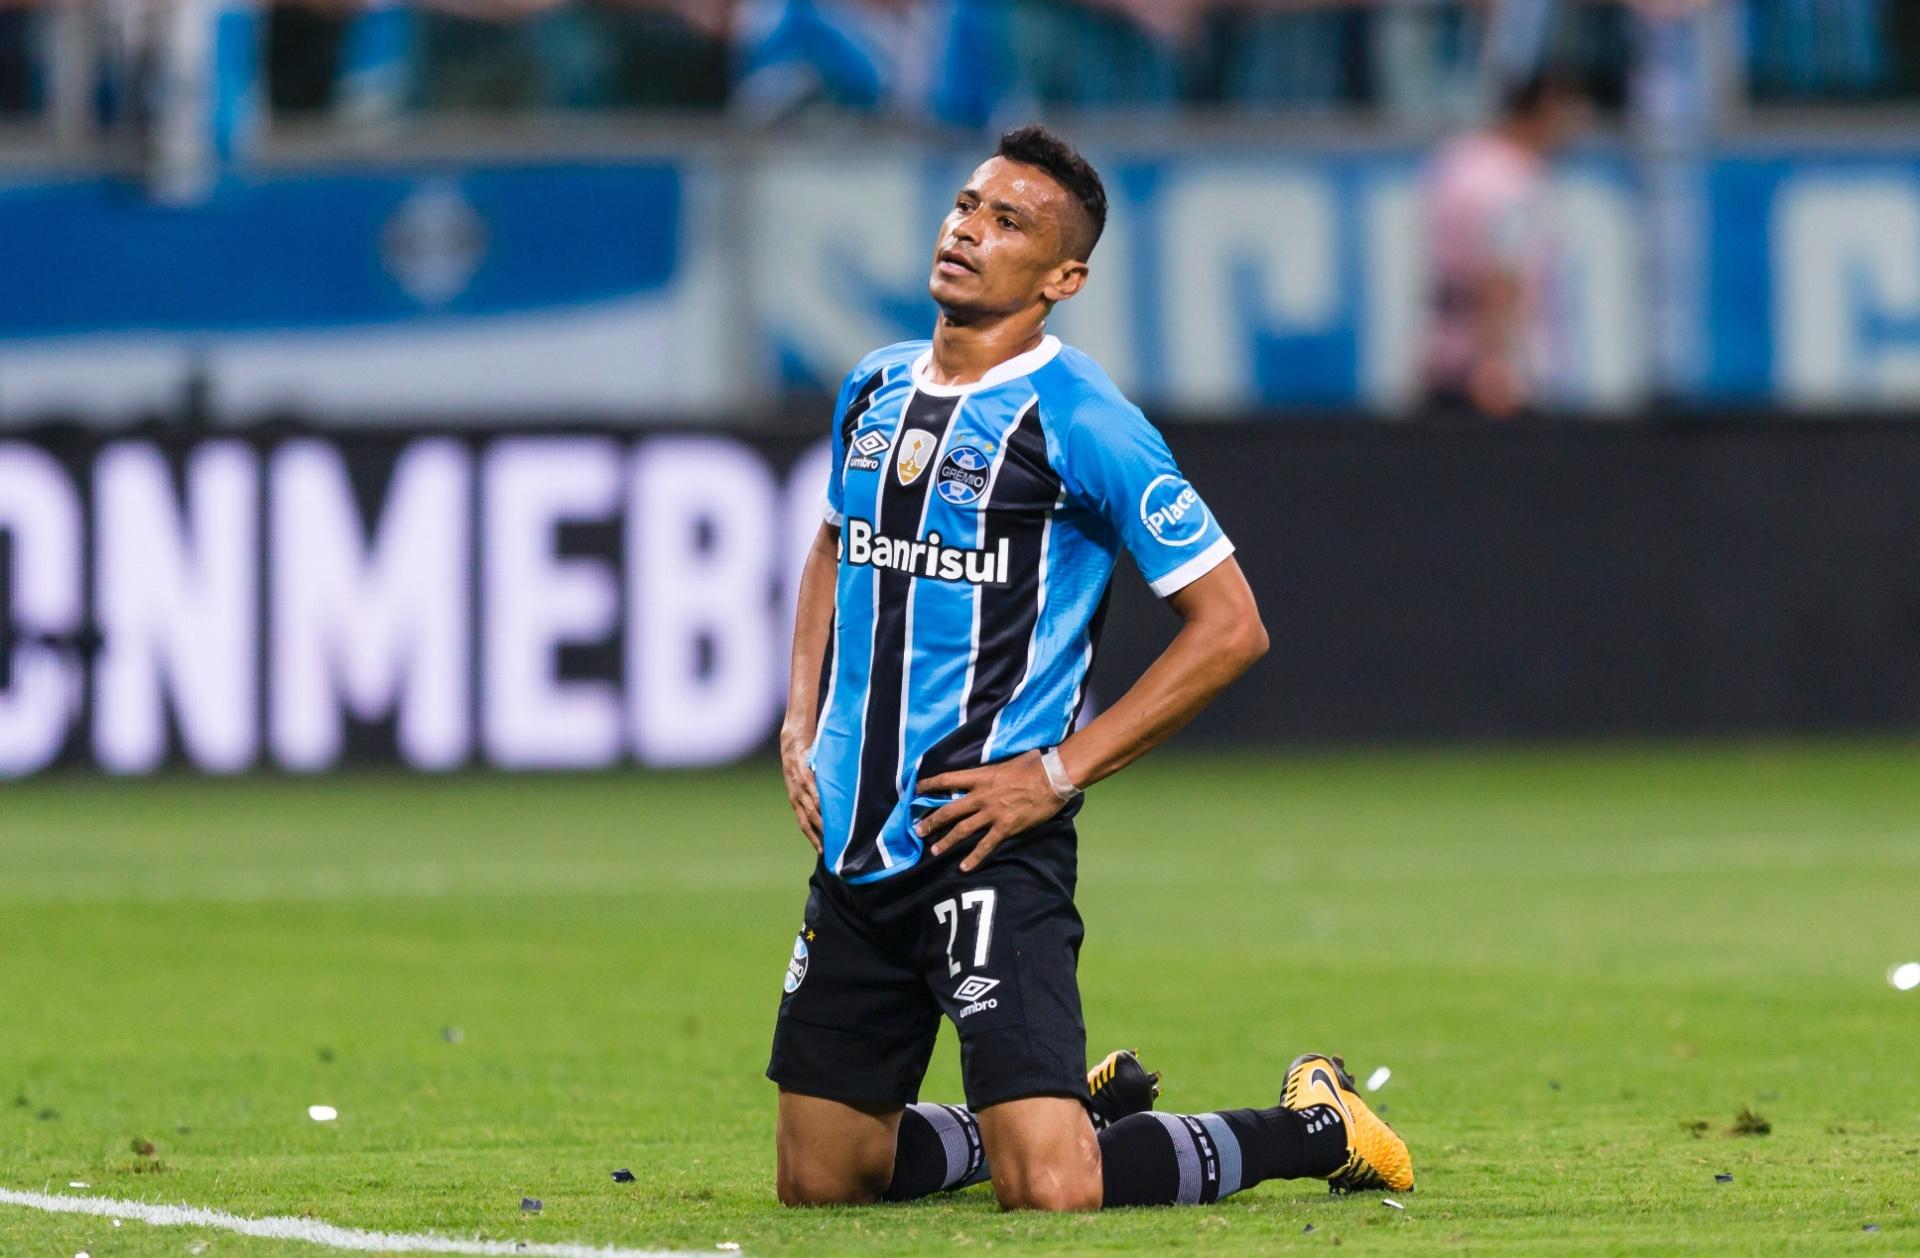 Grêmio não recebe retorno e renovação de contrato com Cícero fica distante  - 07 01 2018 - UOL Esporte 0d7ab161c2f6f